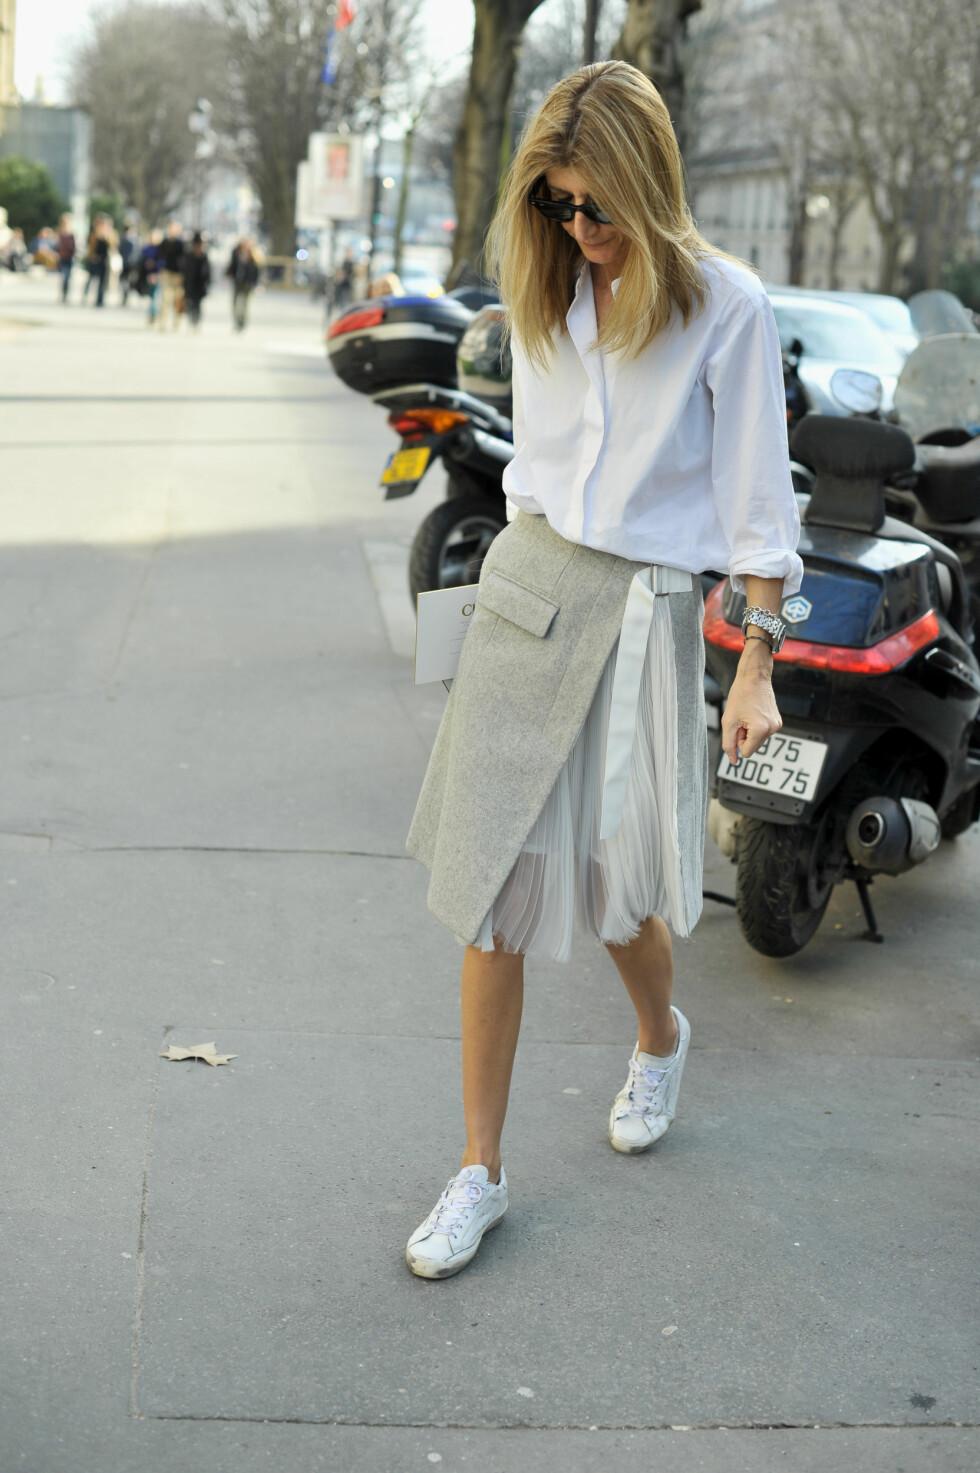 STAPP: Ta hele skjorten, eller bare litt av den, og stapp ned i skjørtet, buksa eller shortsen. Foto: DPA